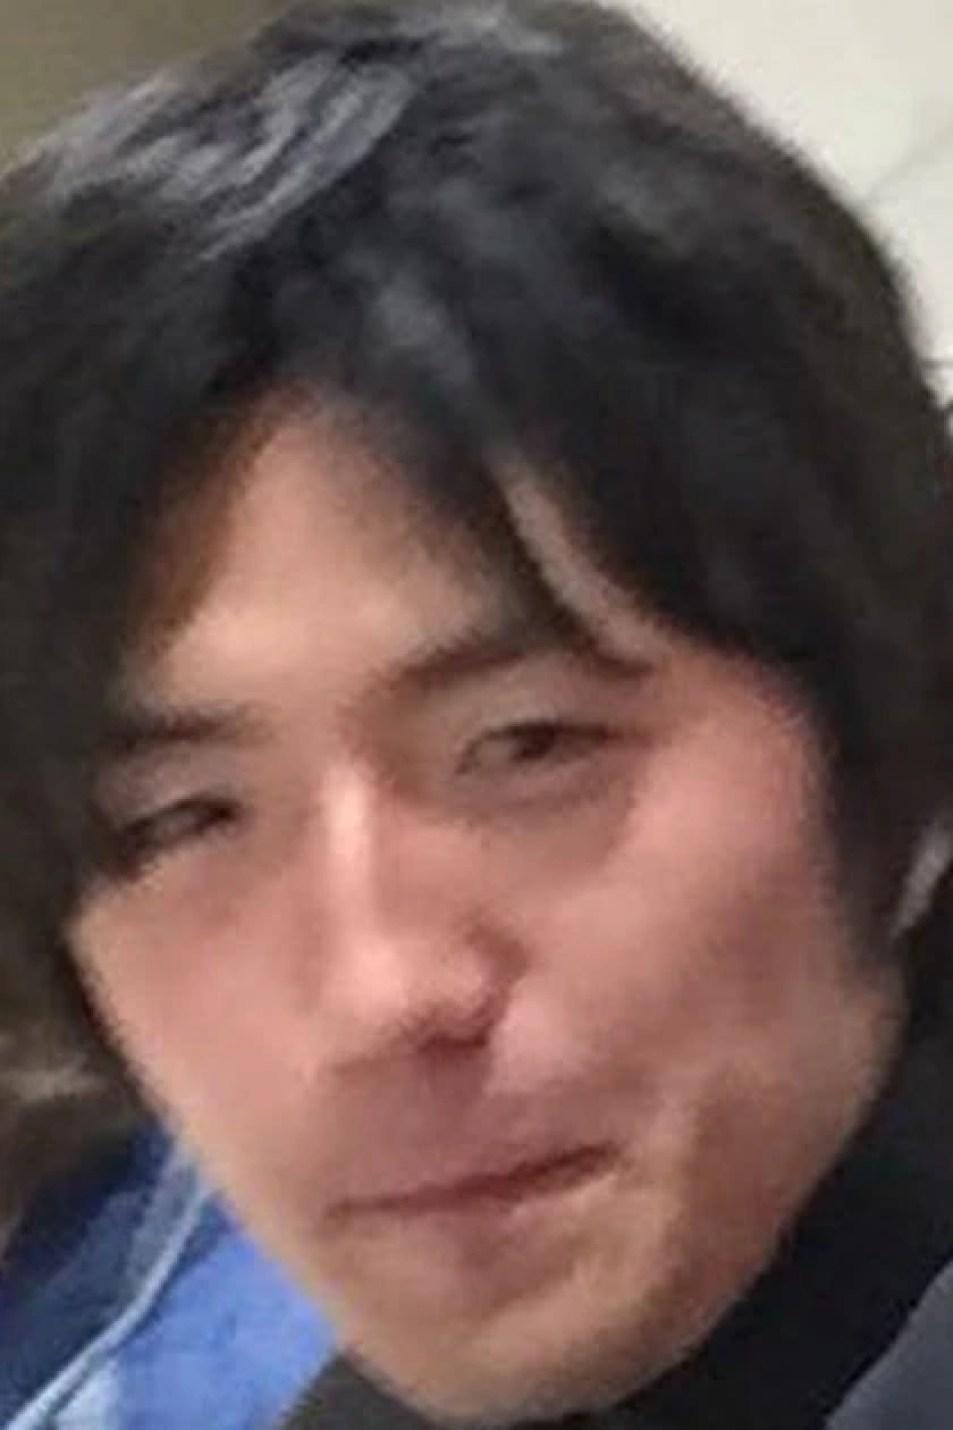 Takahiro Shiraishi (Twitter)